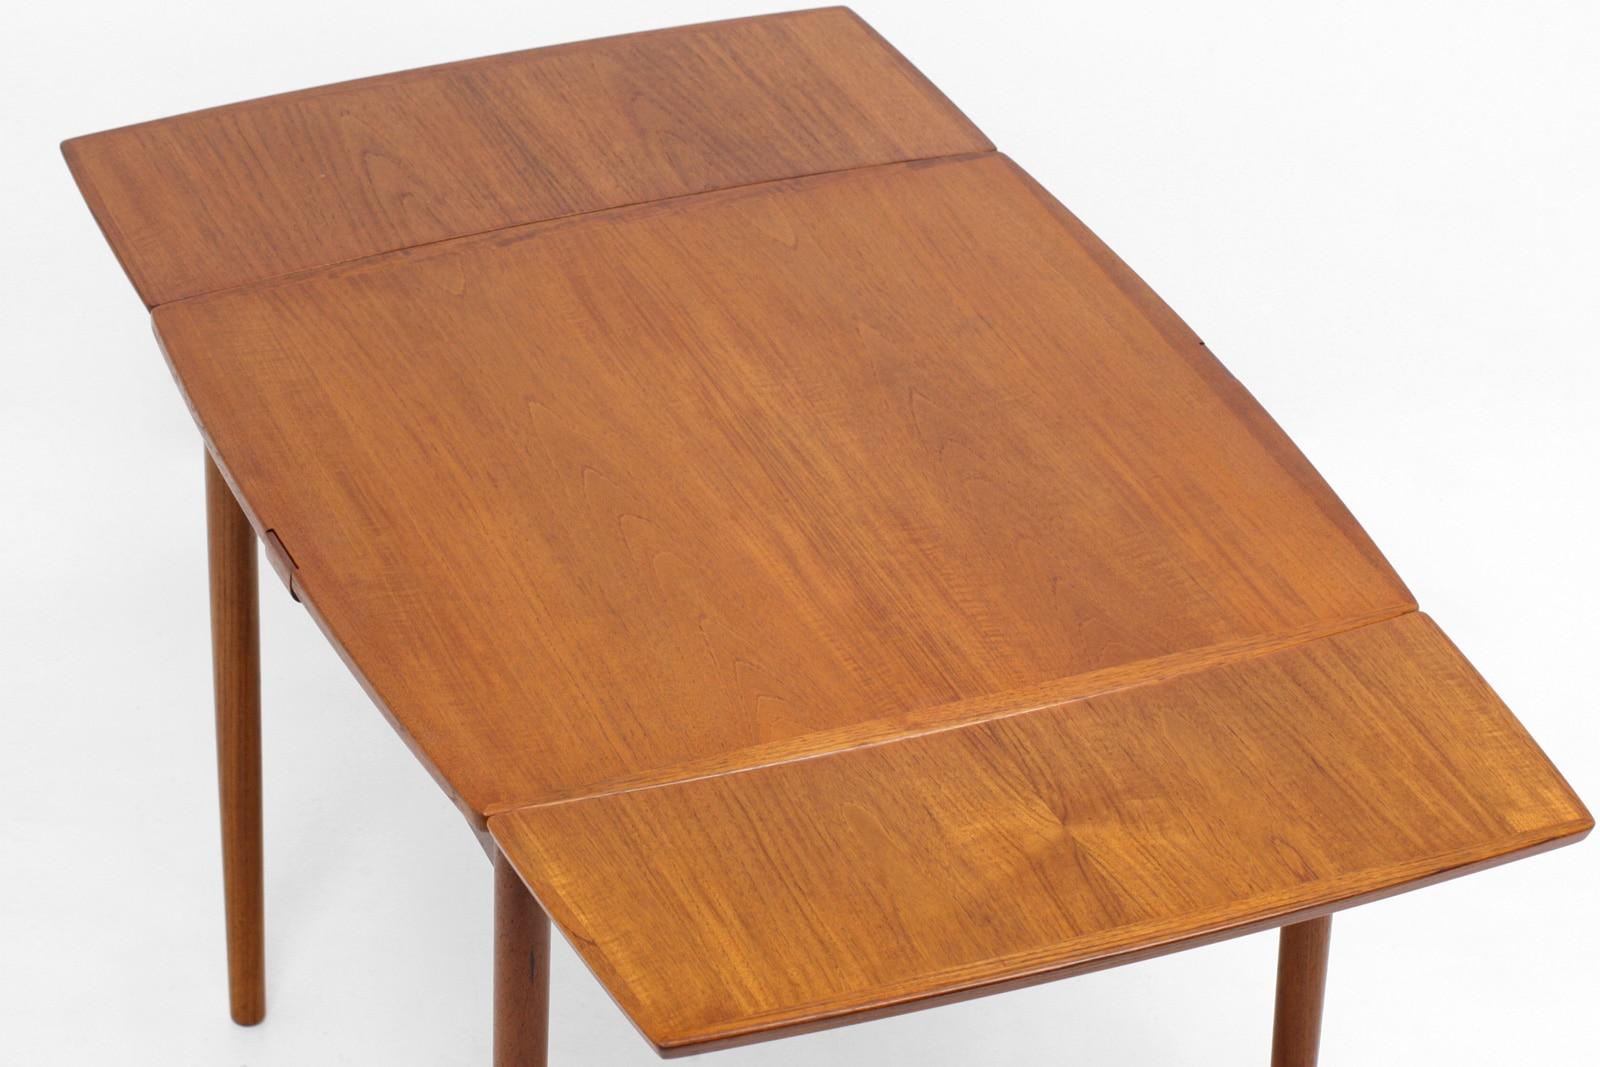 北欧,ヴィンテージ家具,ダイニングテーブル,リバーシブル,CarloJensen,正方形